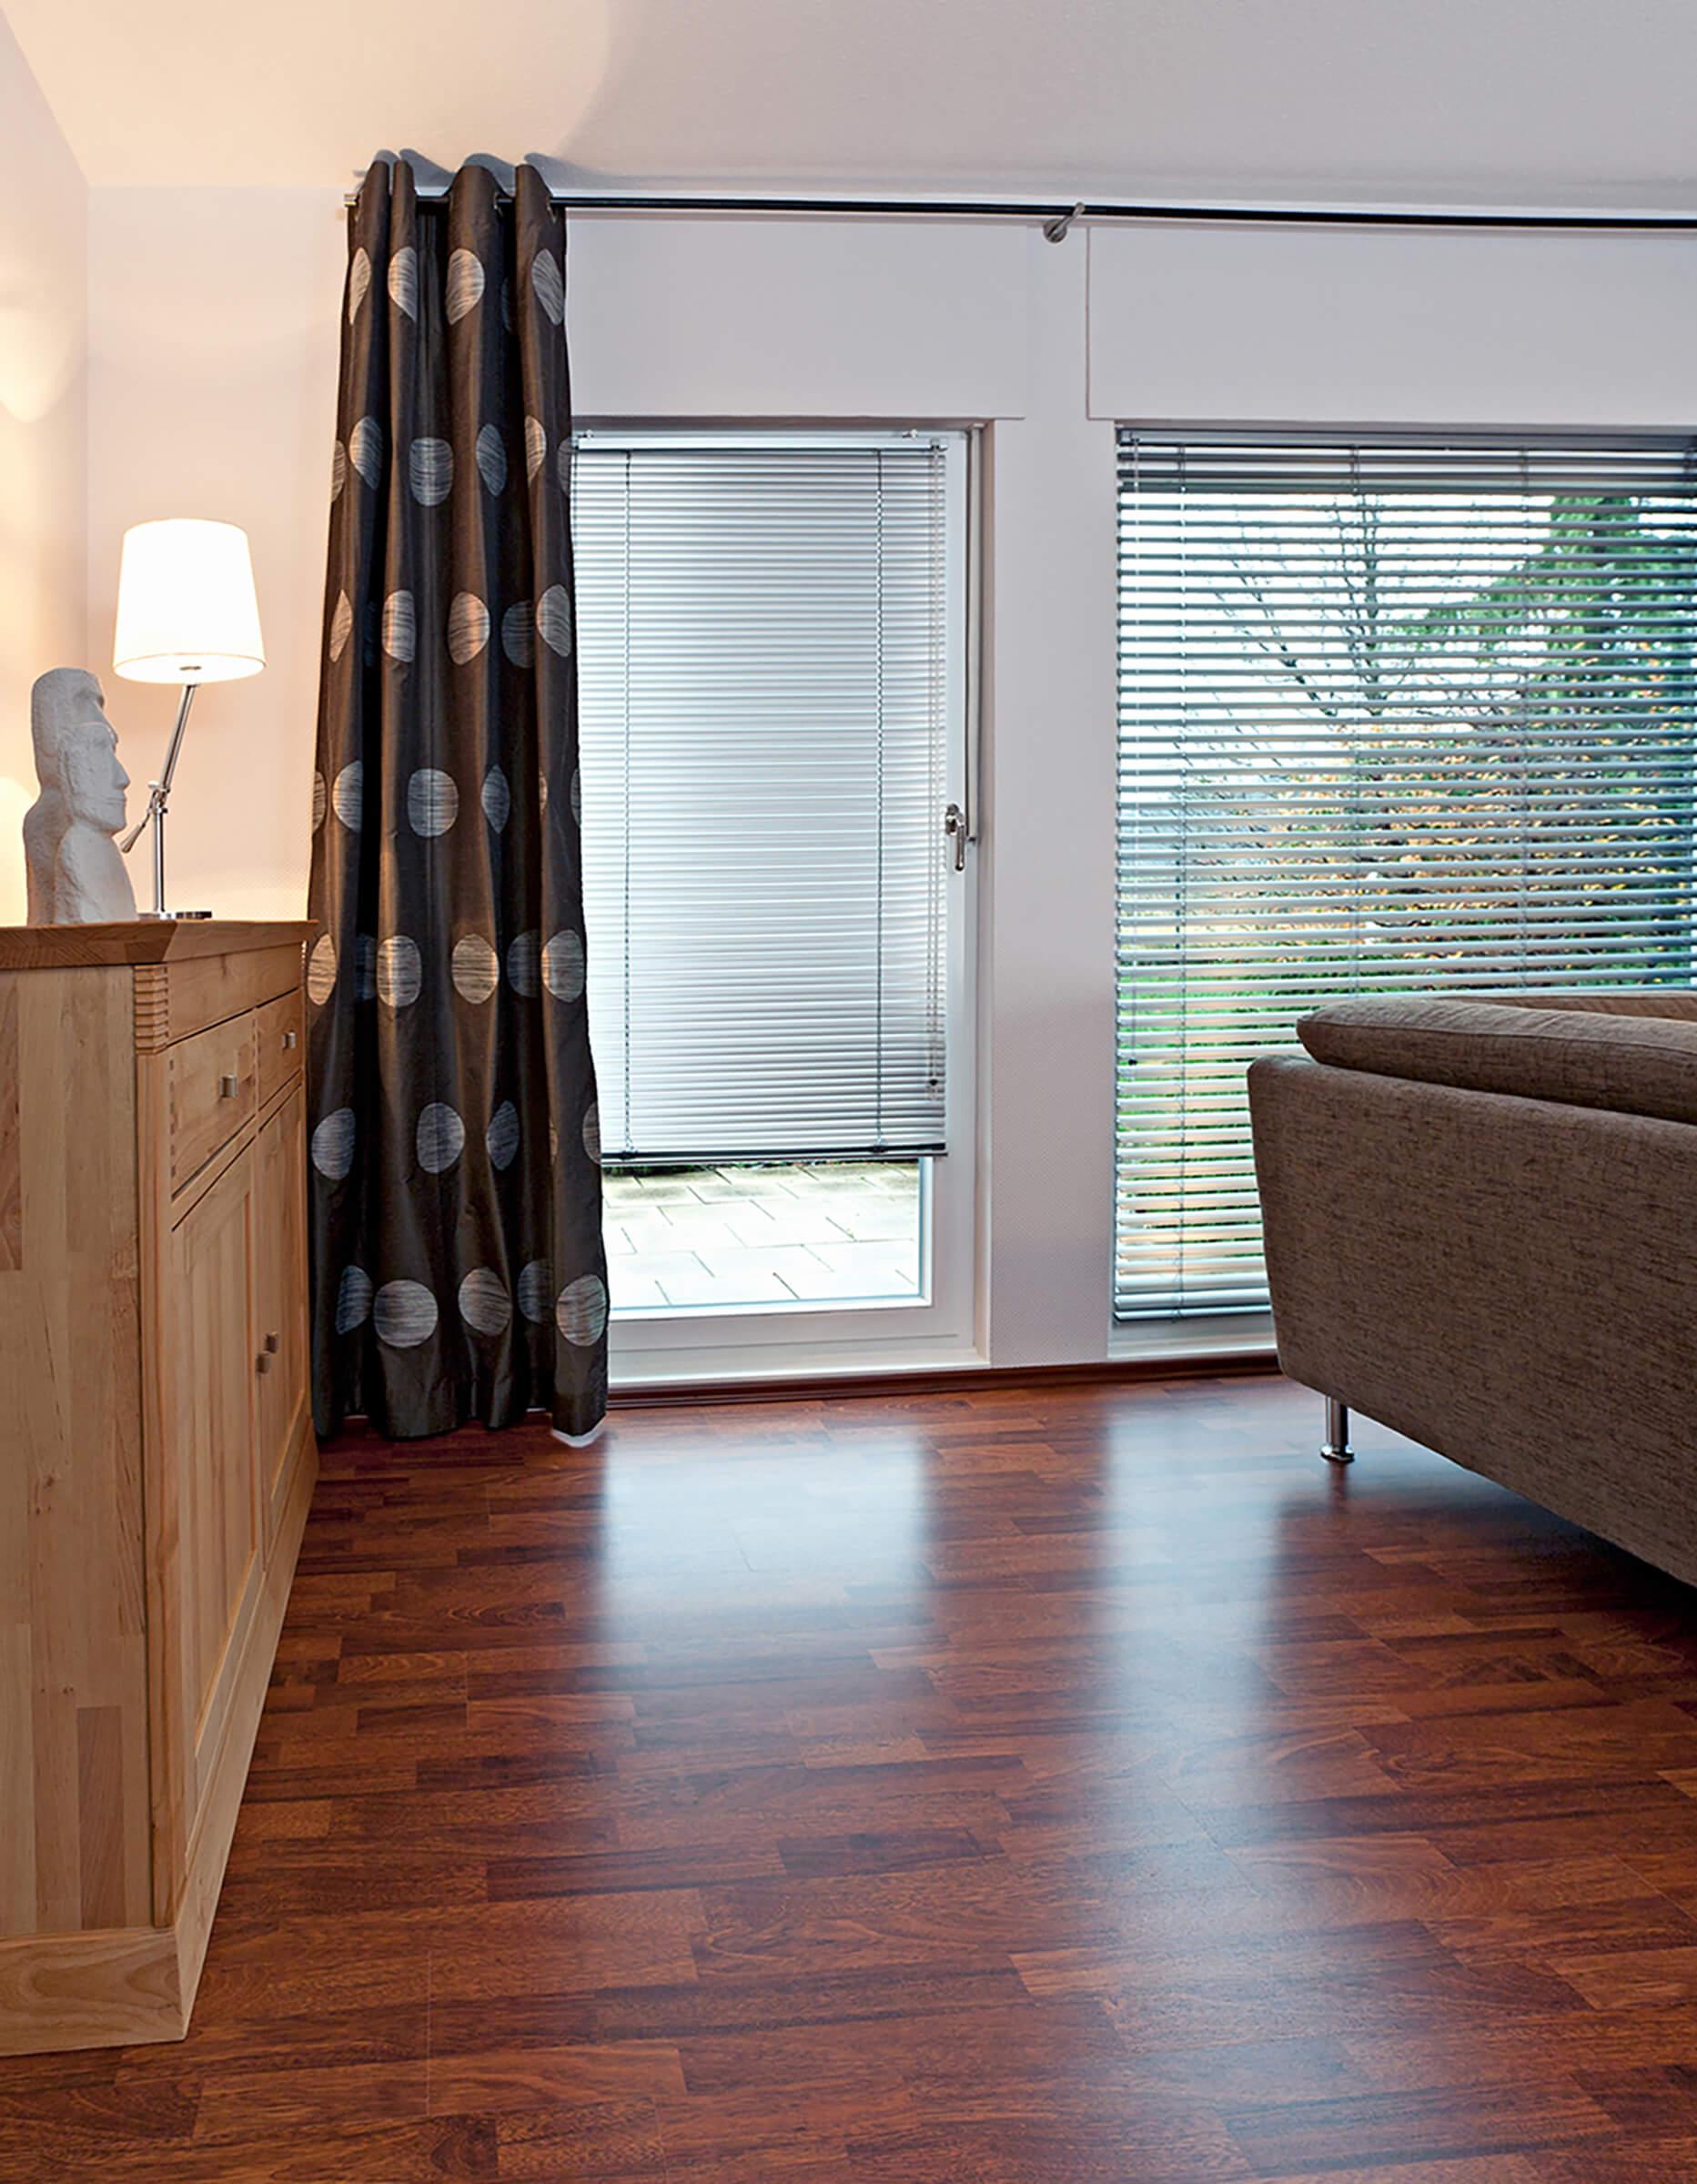 jalousien ohne bohren perfekt f r mietwohnungen jetzt beraten lassen. Black Bedroom Furniture Sets. Home Design Ideas